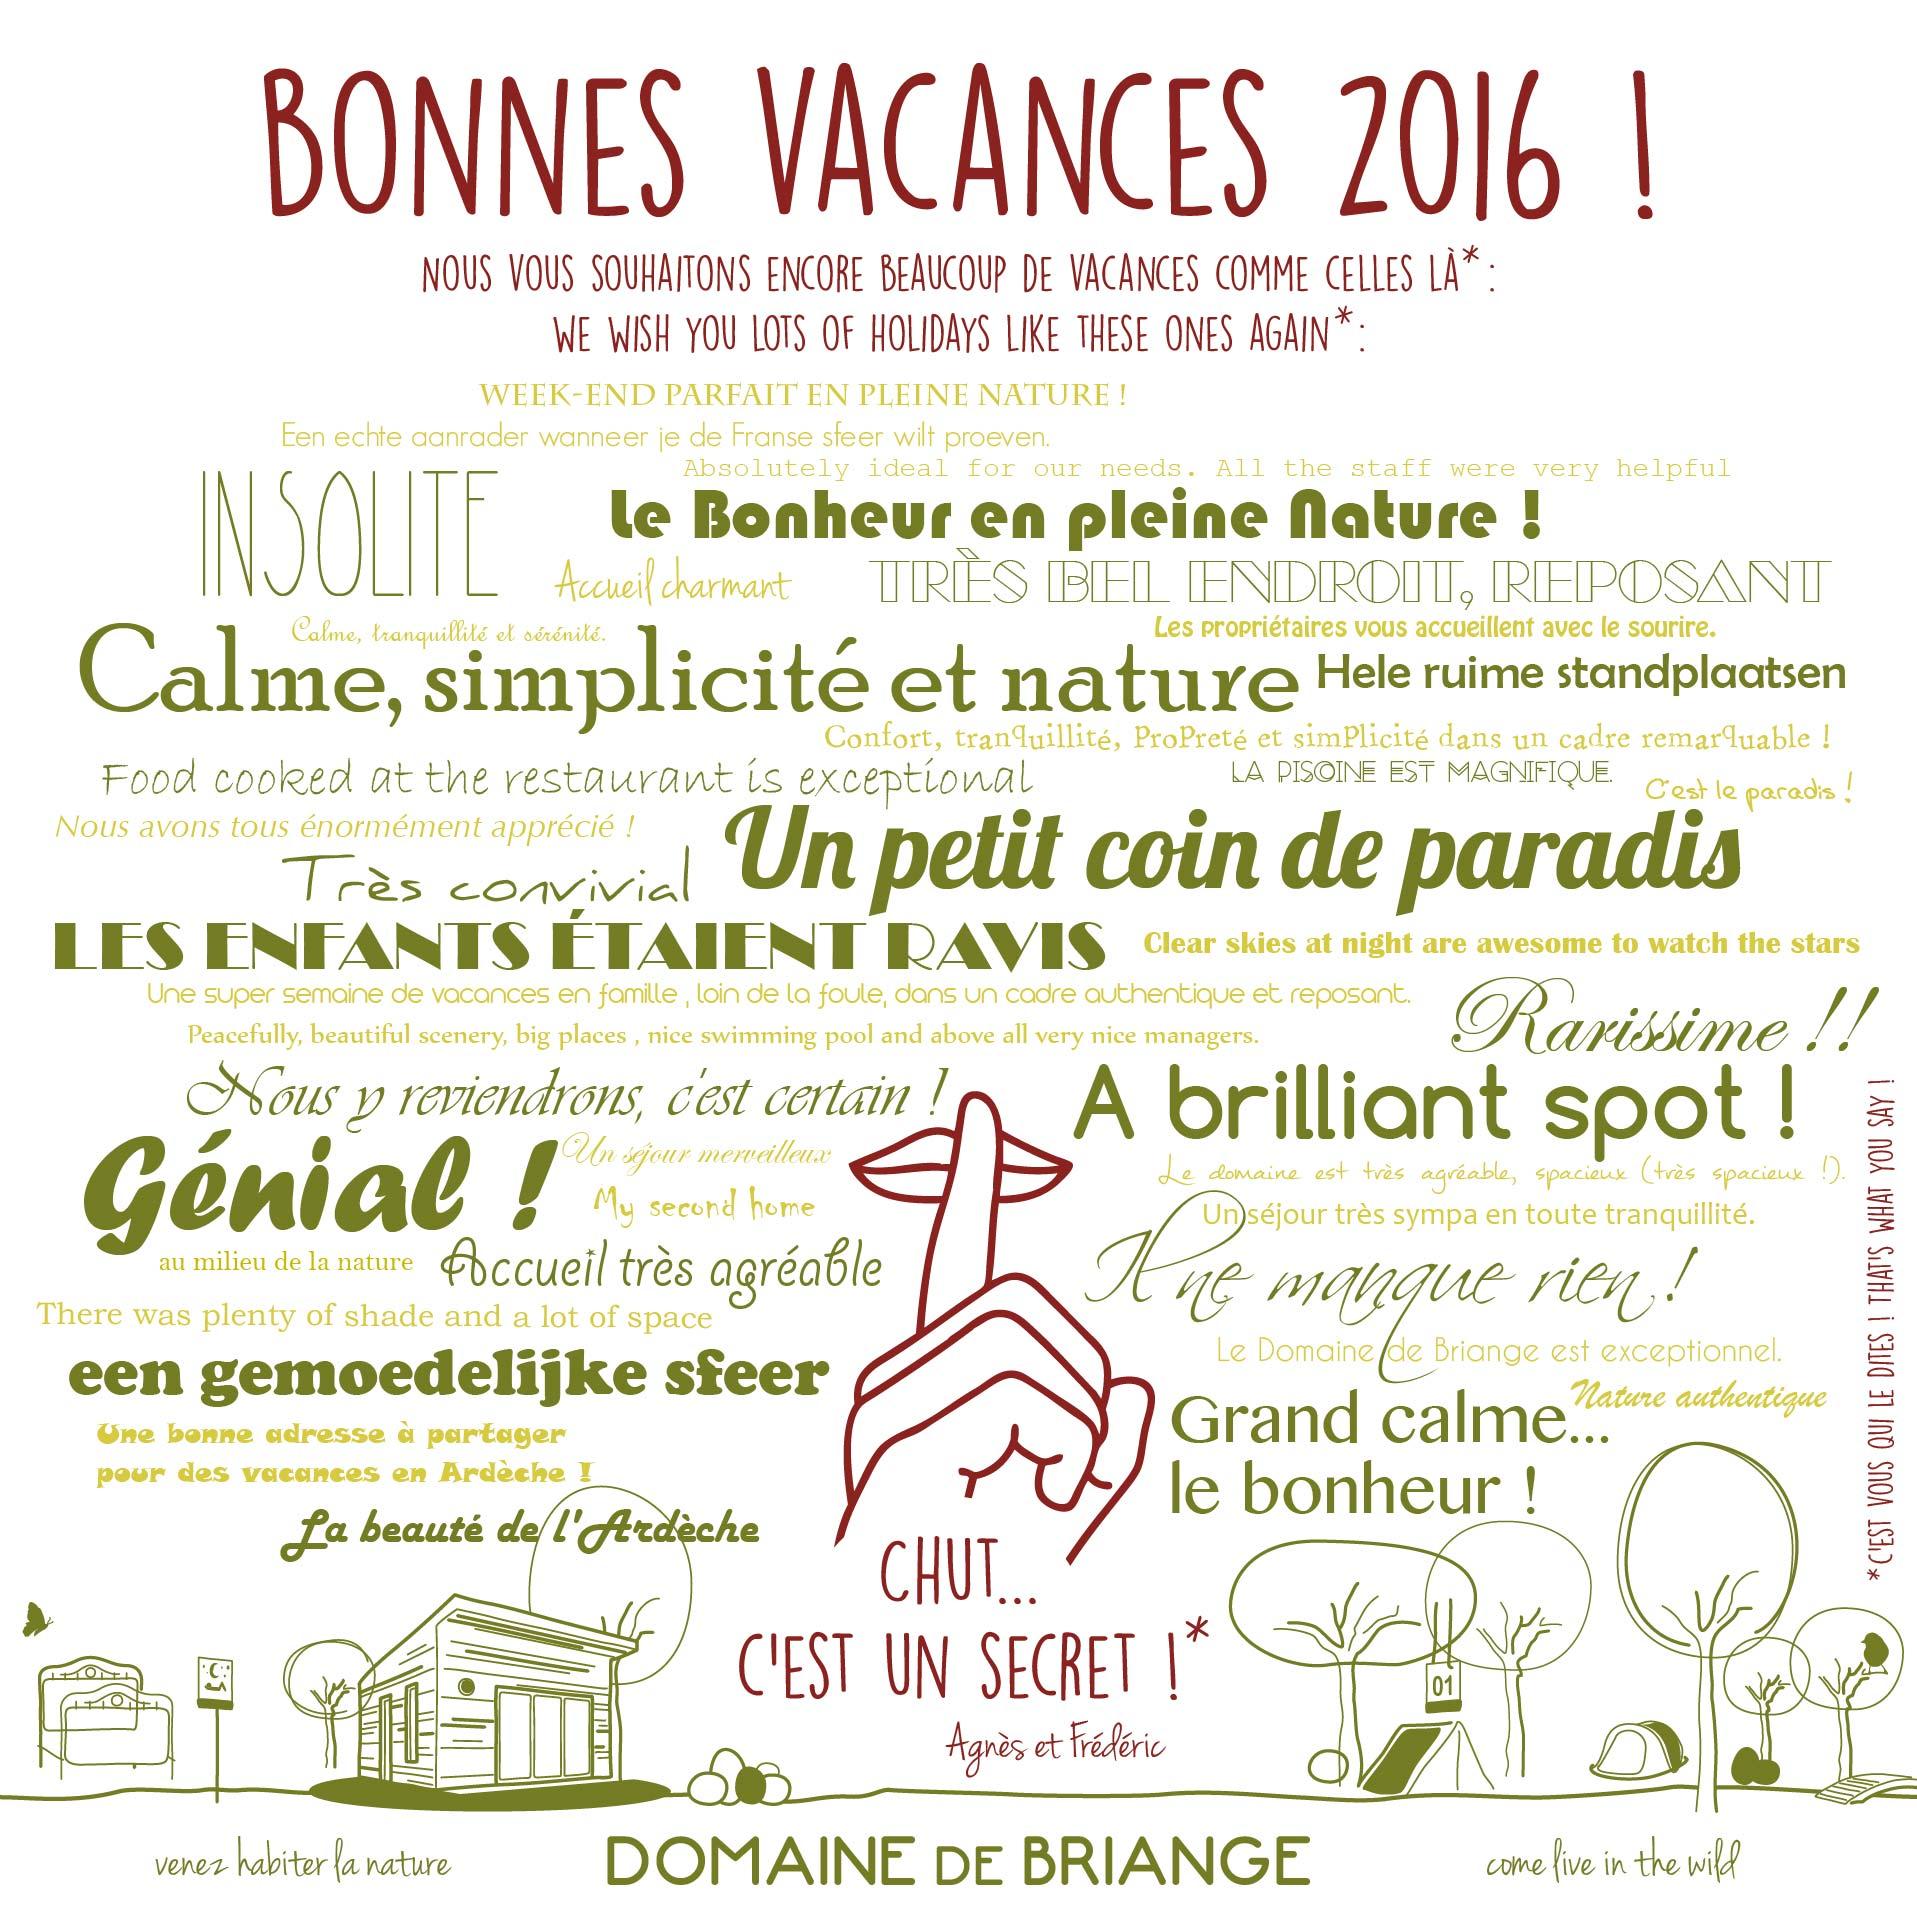 Bonnes vacances 2016